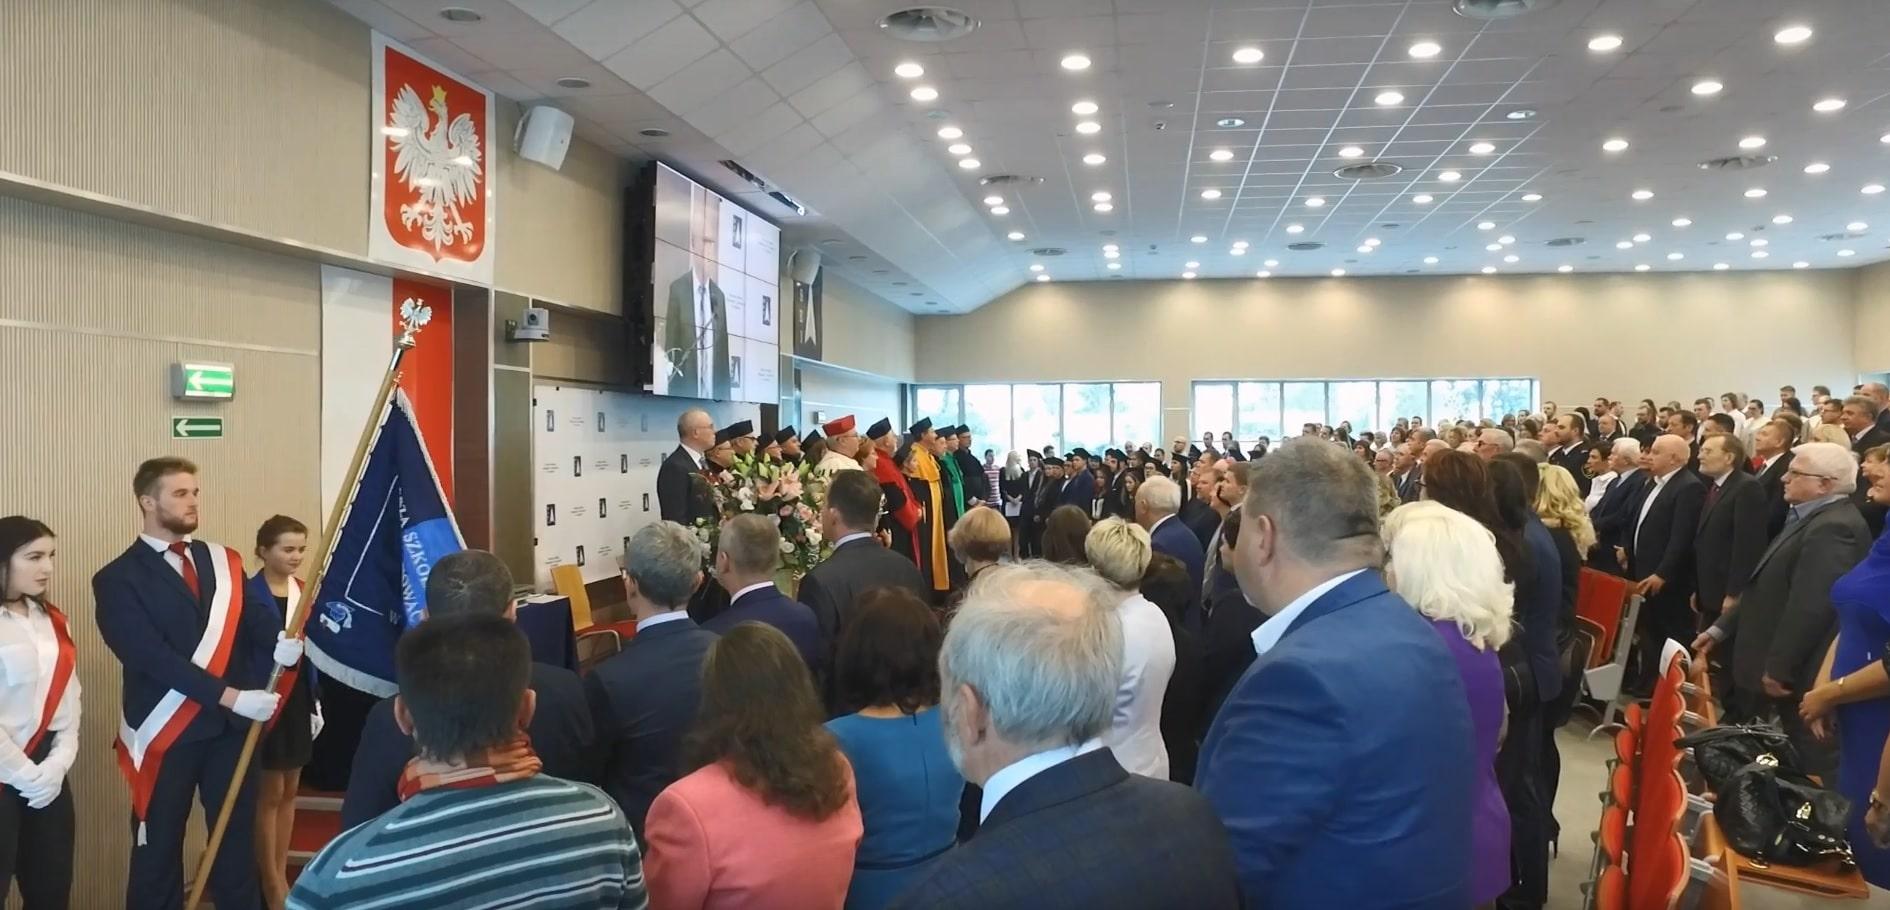 Uroczysta Inauguracja Roku Akademickiego 2018/2019 w WSEI